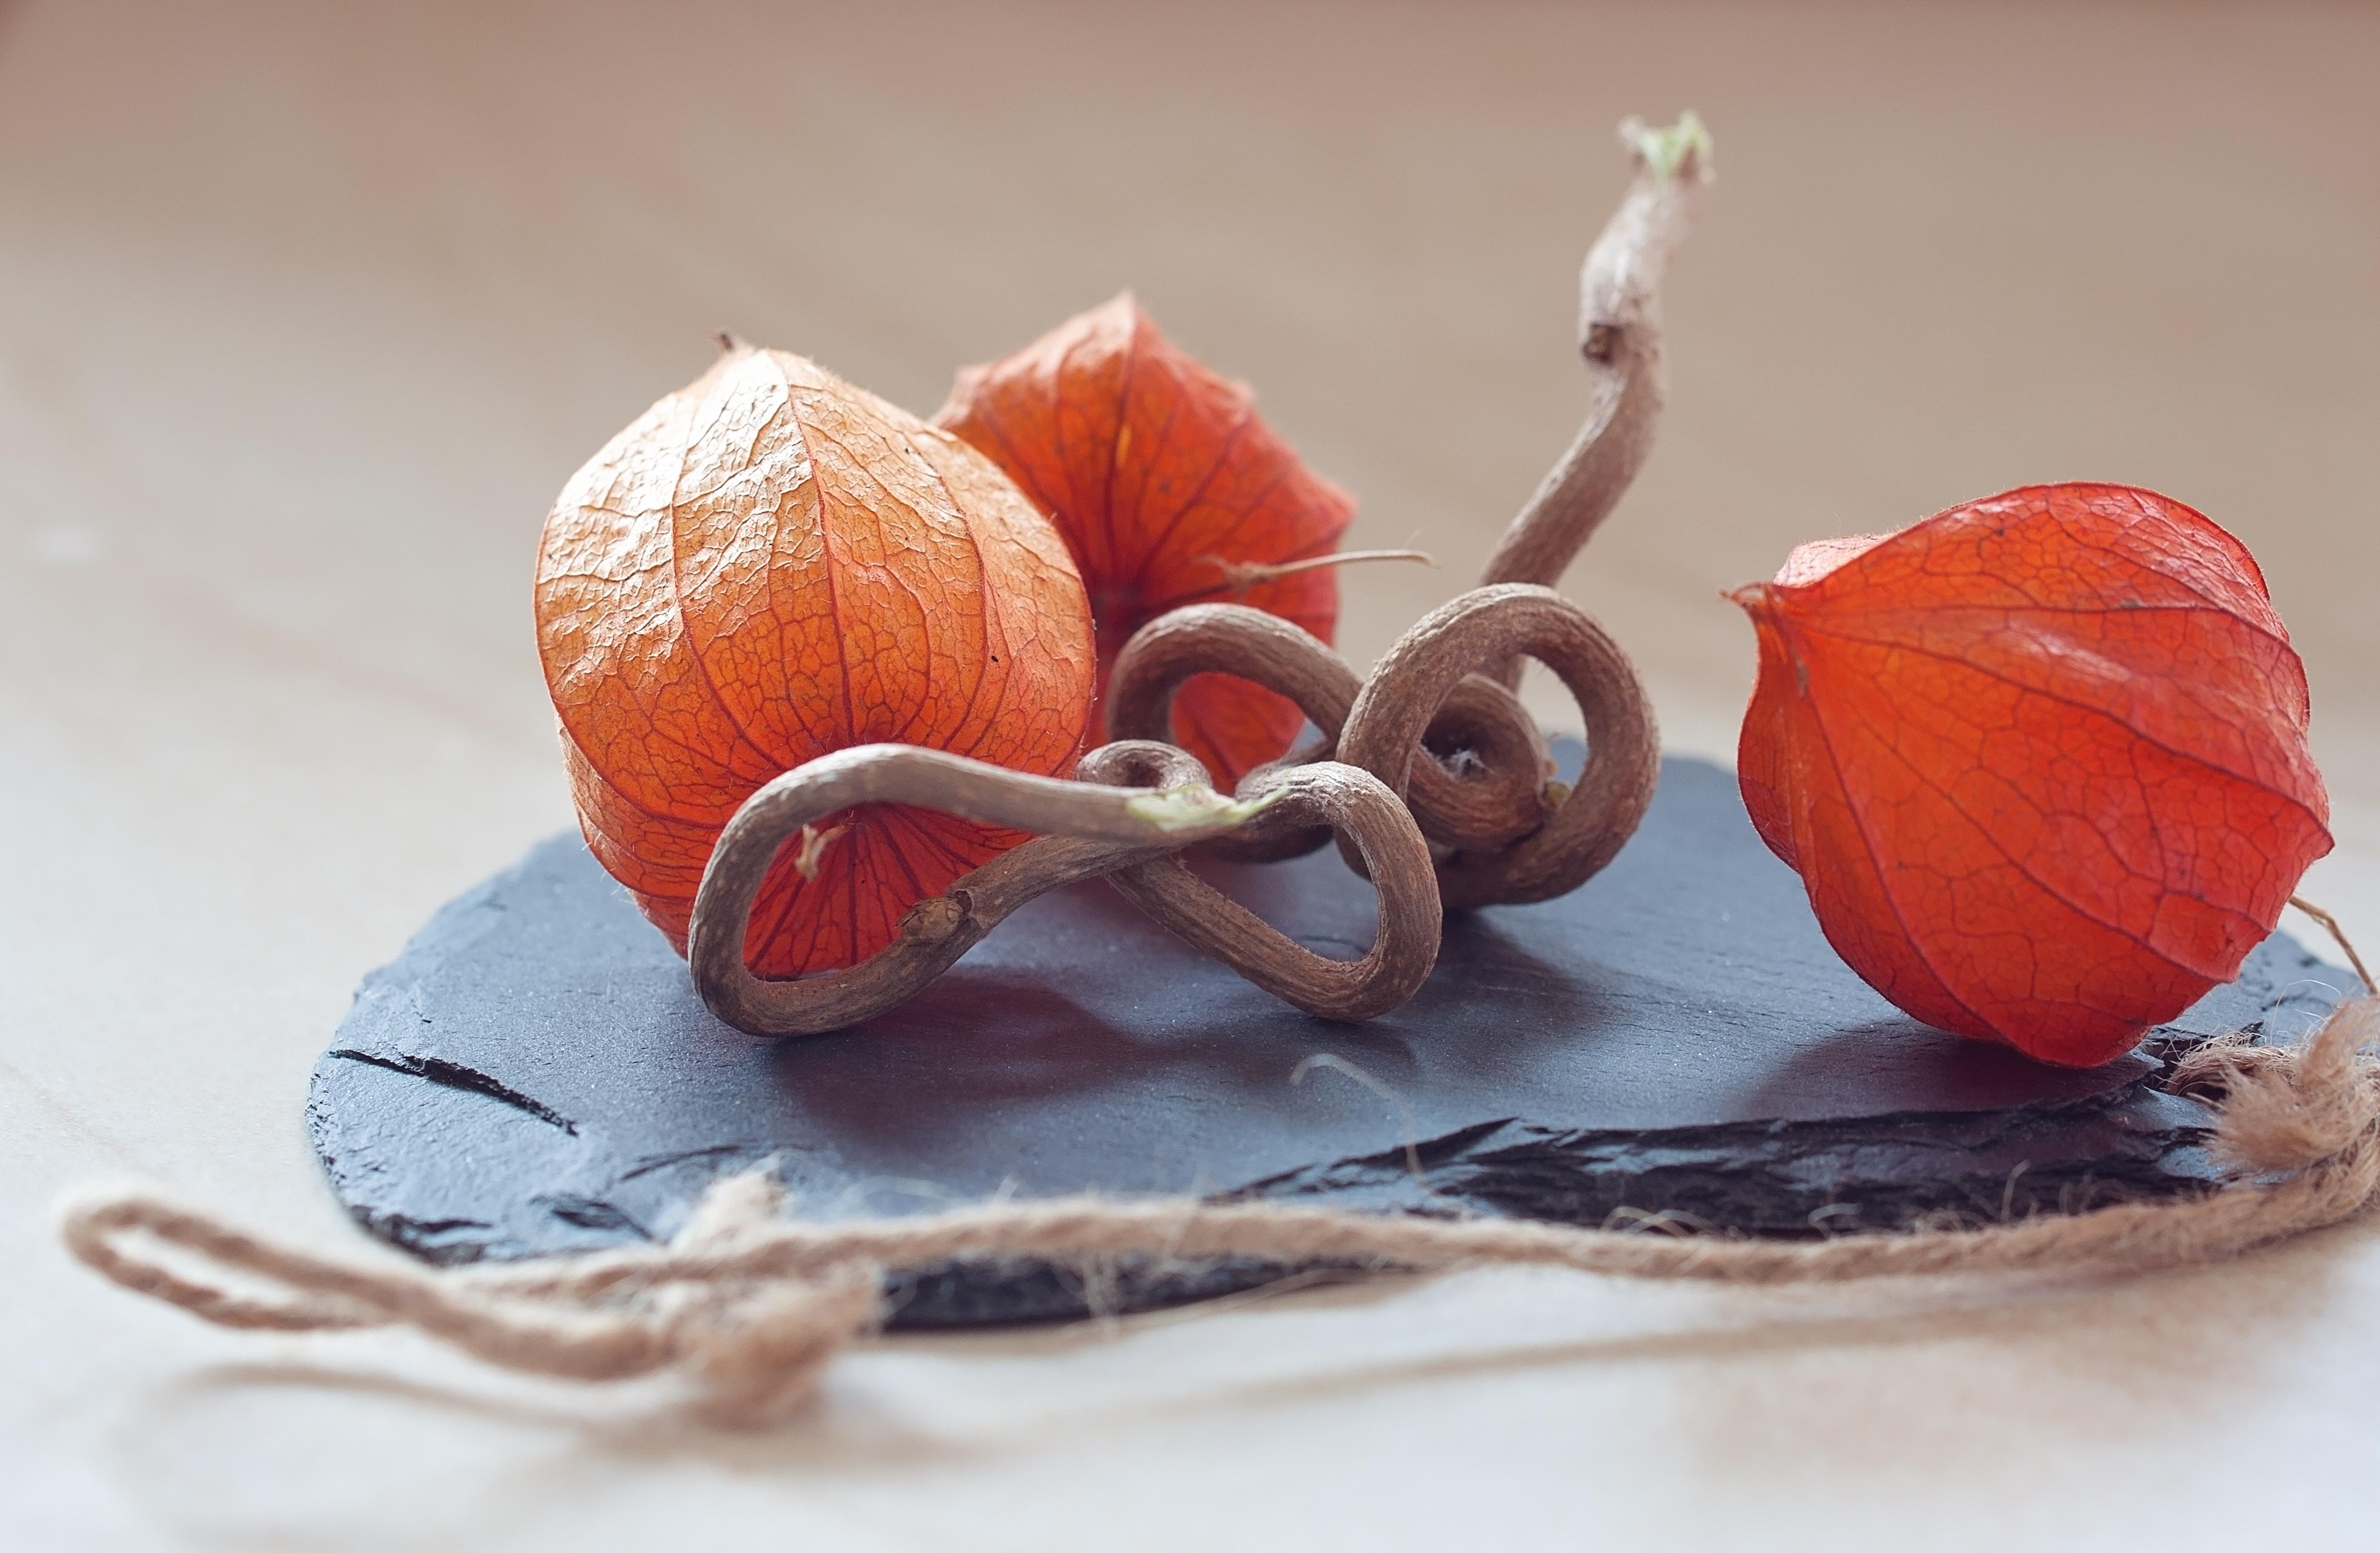 Fotos gratis : decoración, naranja, rojo, color, cerca, material ...